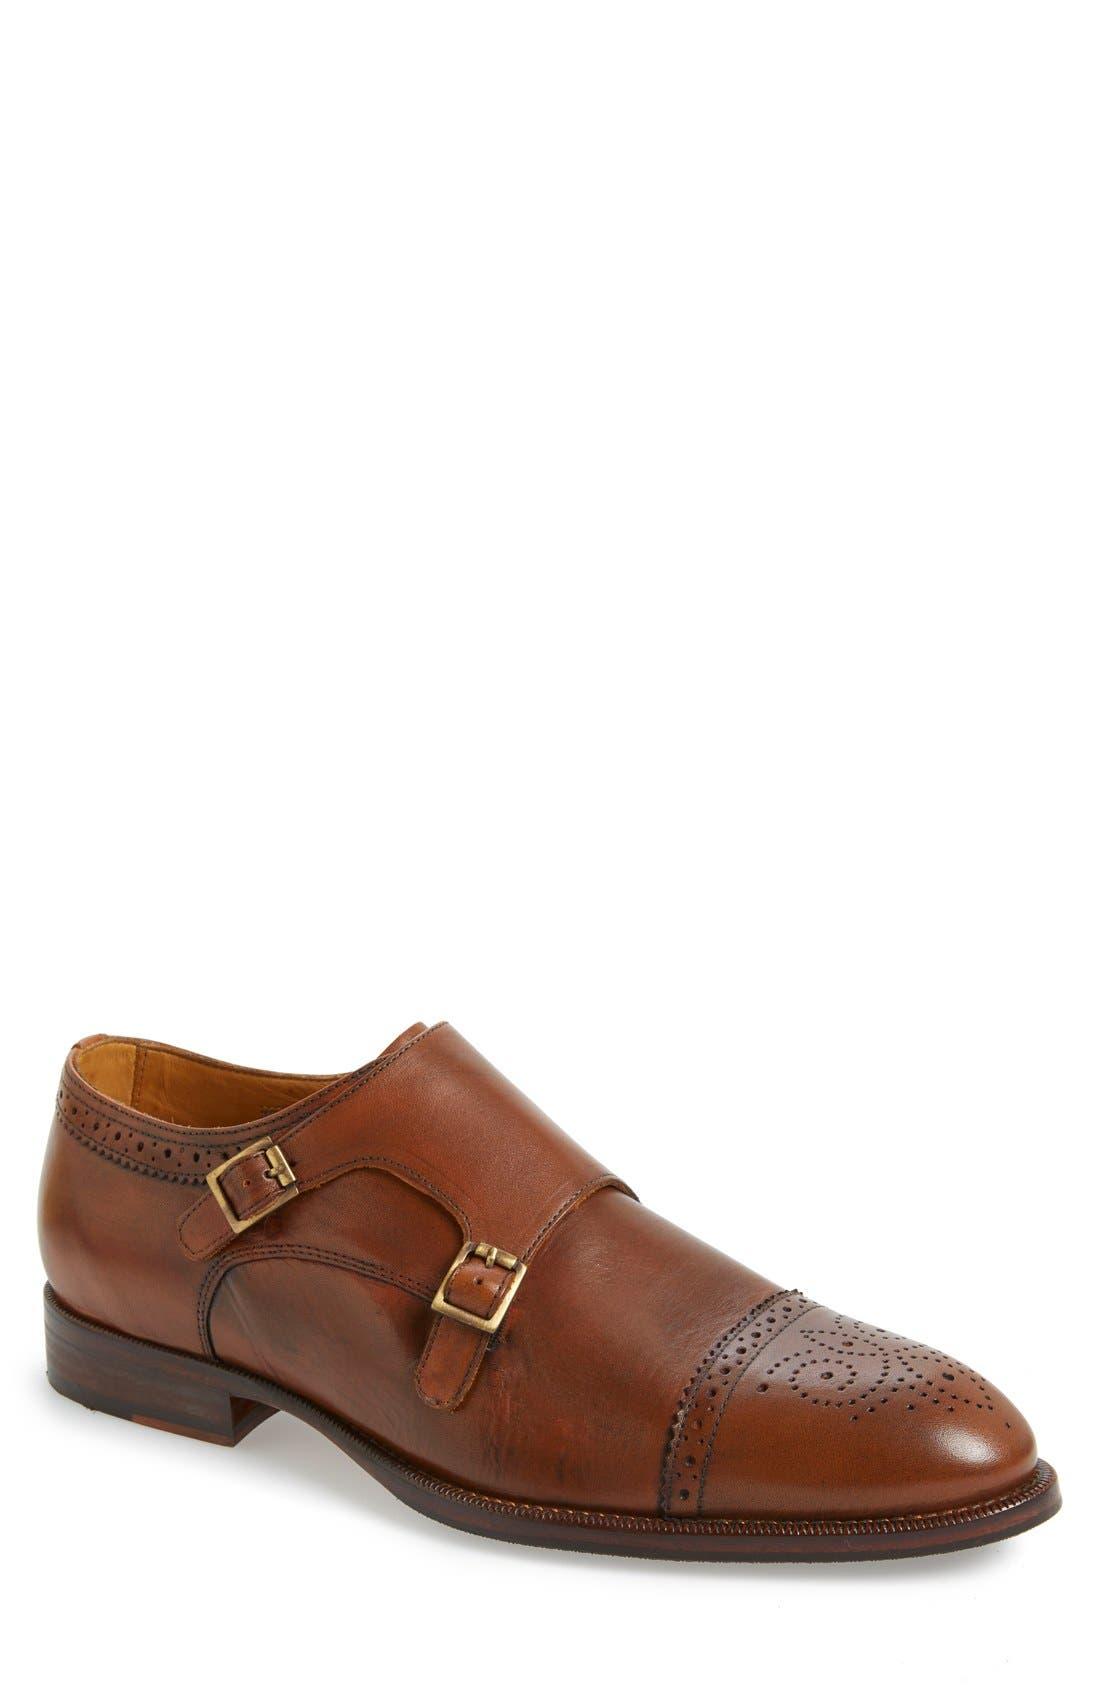 'Briant' Double Monk Strap Shoe,                         Main,                         color, Cognac Leather